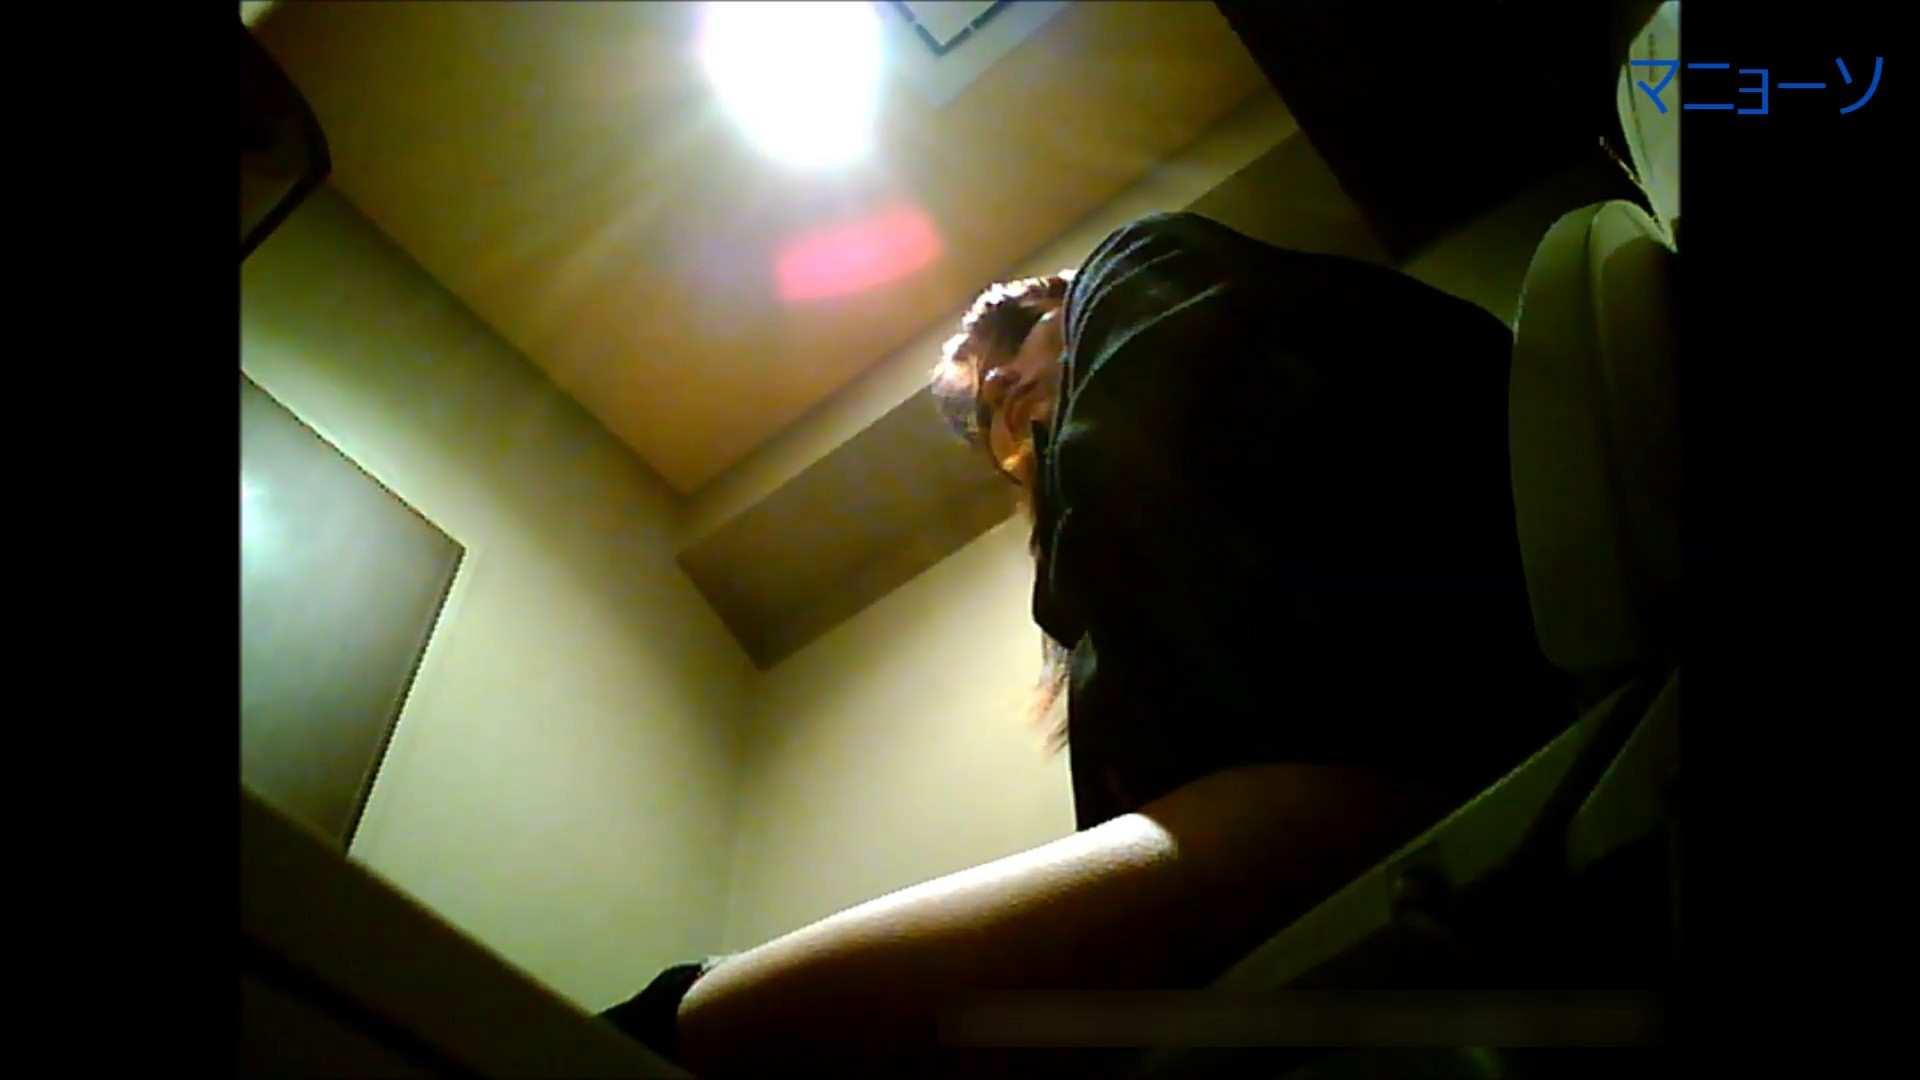 トイレでひと肌脱いでもらいました (OL編)Vol.06 お姉さん  76PIX 5